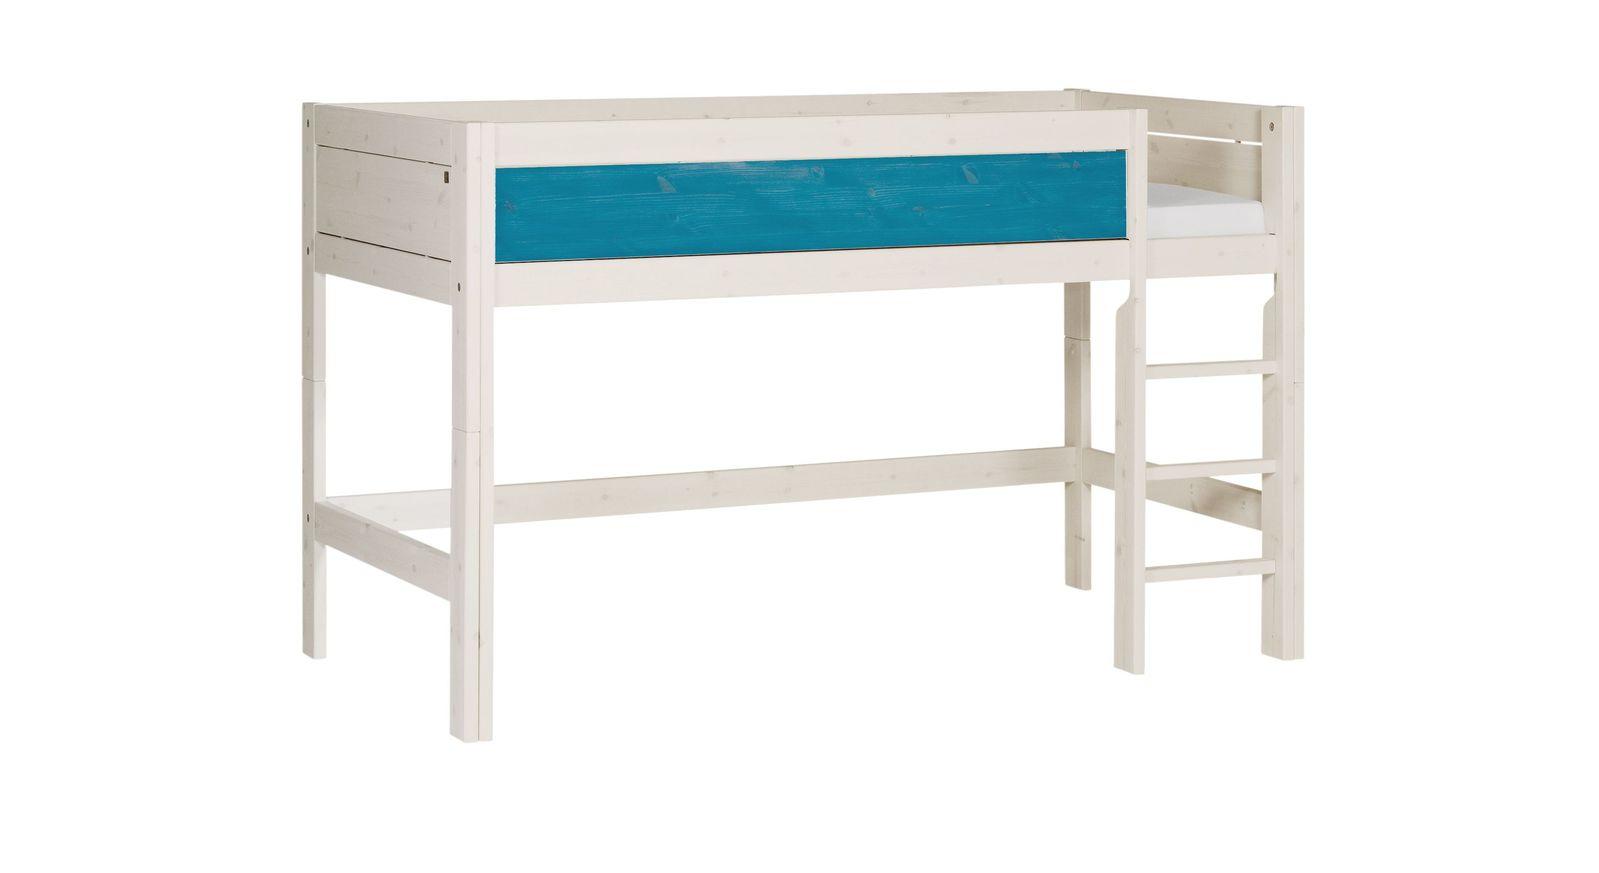 LIFETIME Midi-Hochbett Color mit blau lasierter Frontfüllung